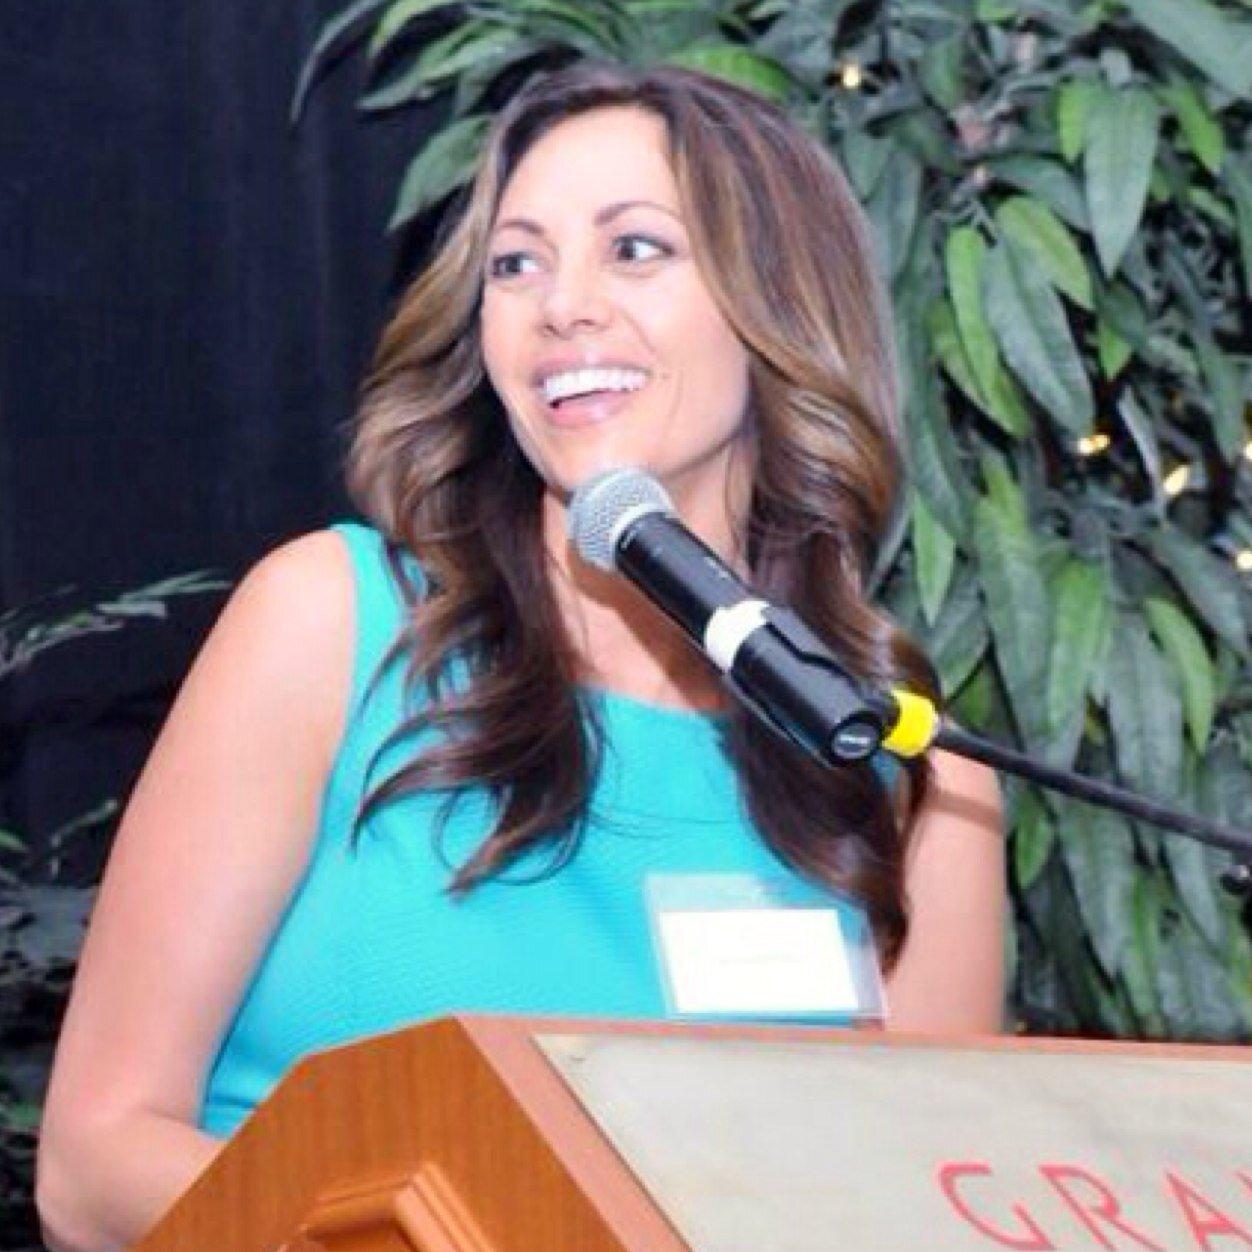 Lauren Whitney - @LaurenCBS4 Conversations Network